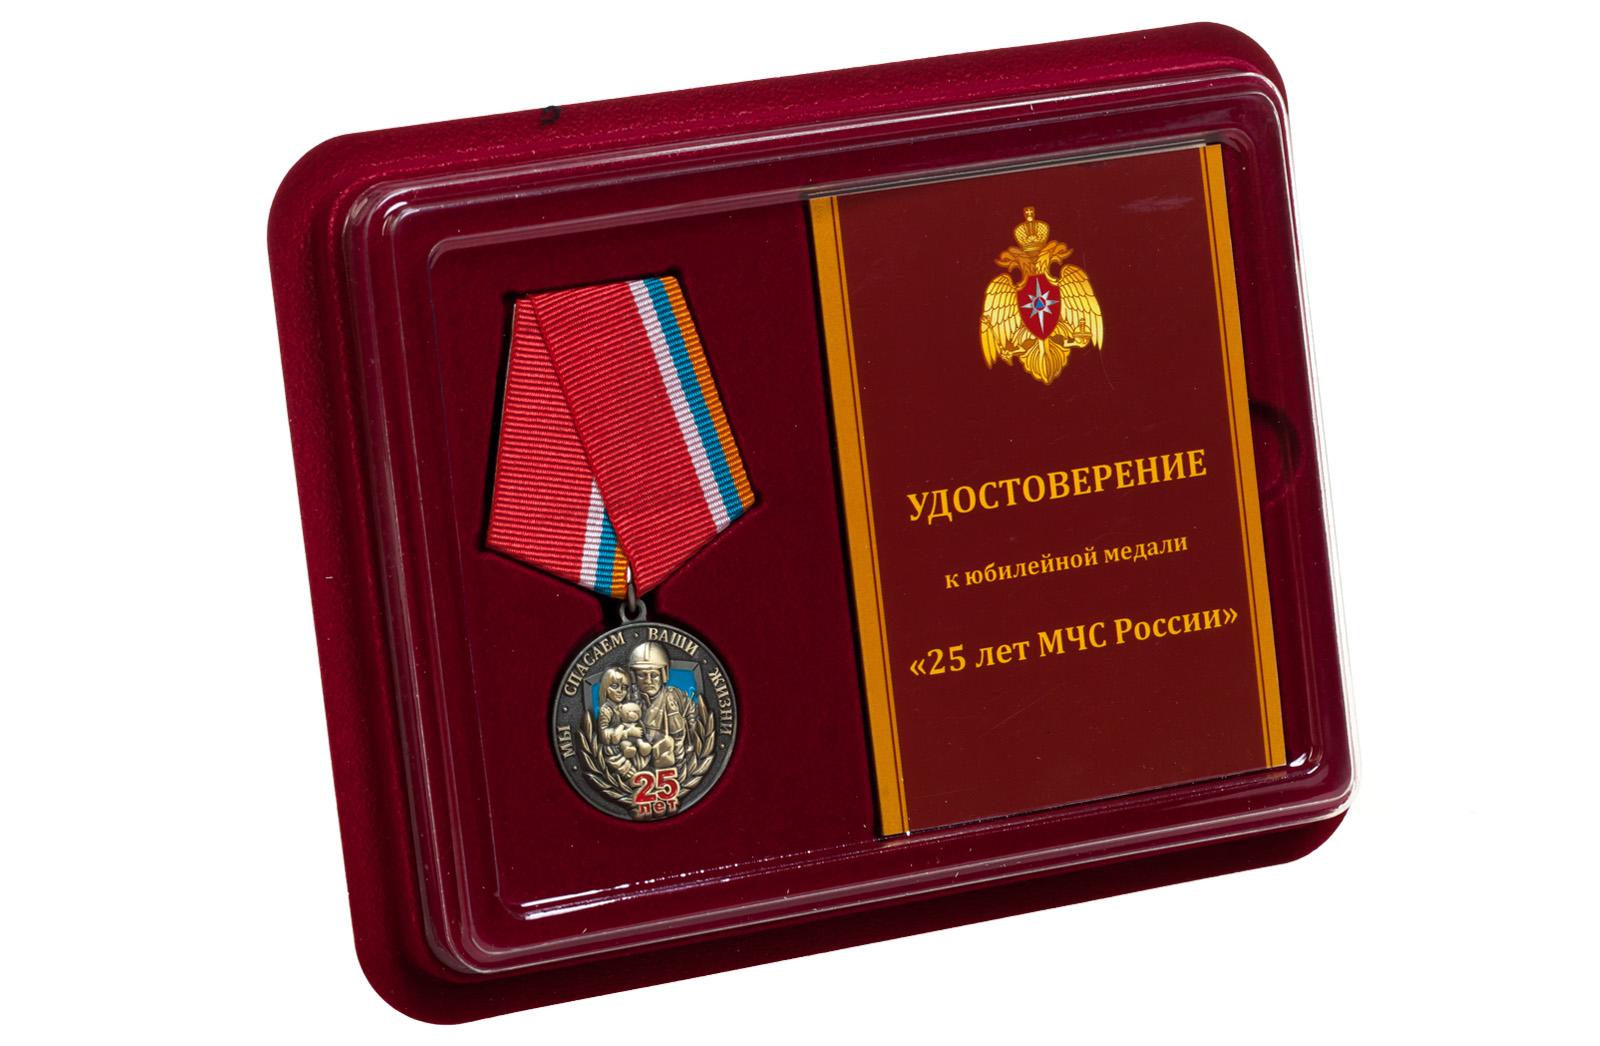 Купить медаль 25 лет МЧС в футляре с удостоверением с доставкой онлайн